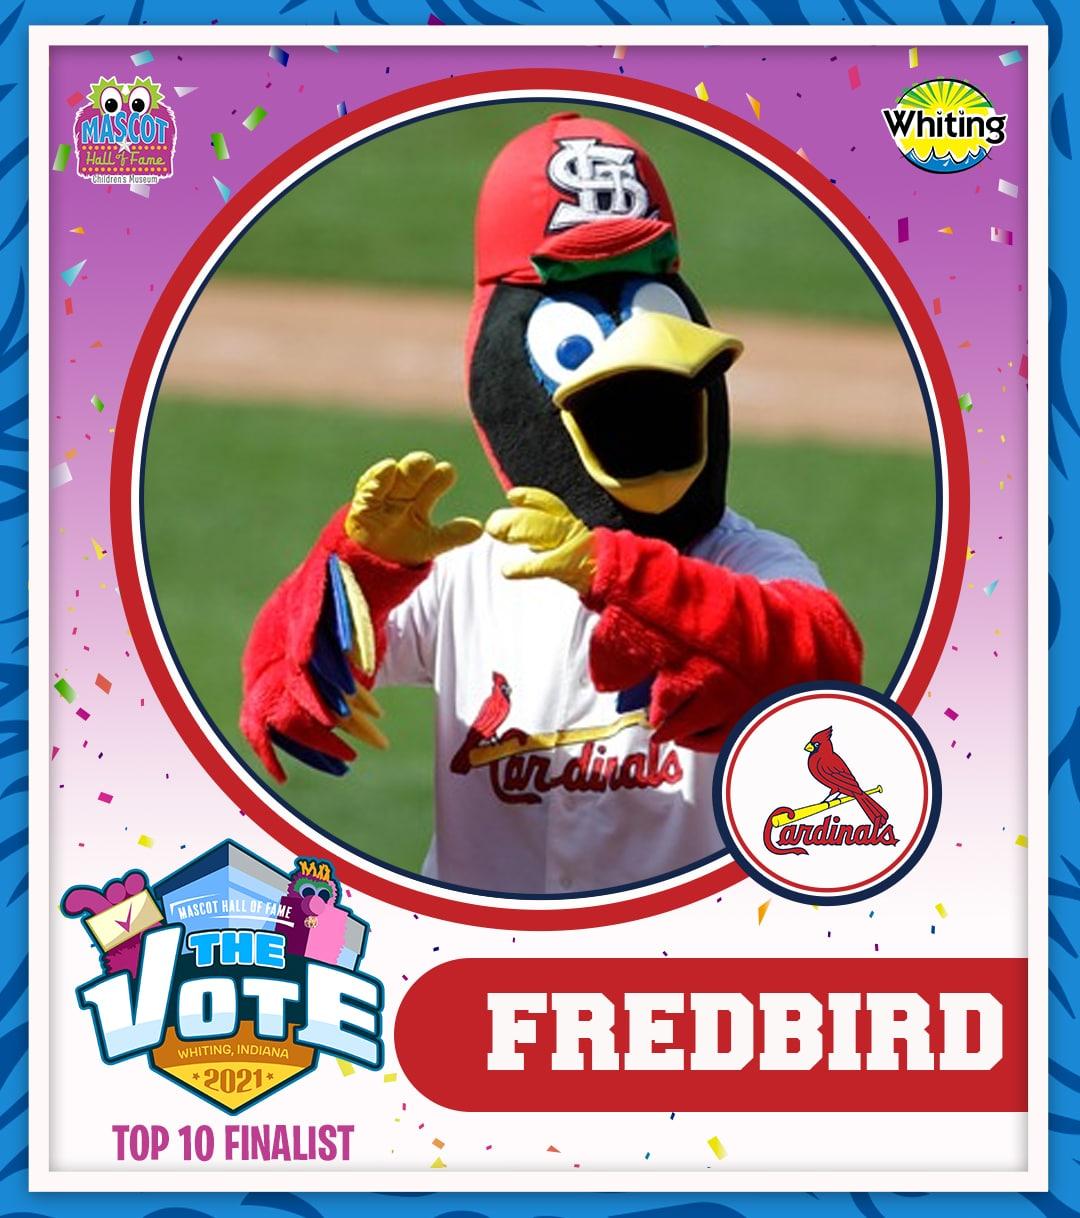 Fredbird photo